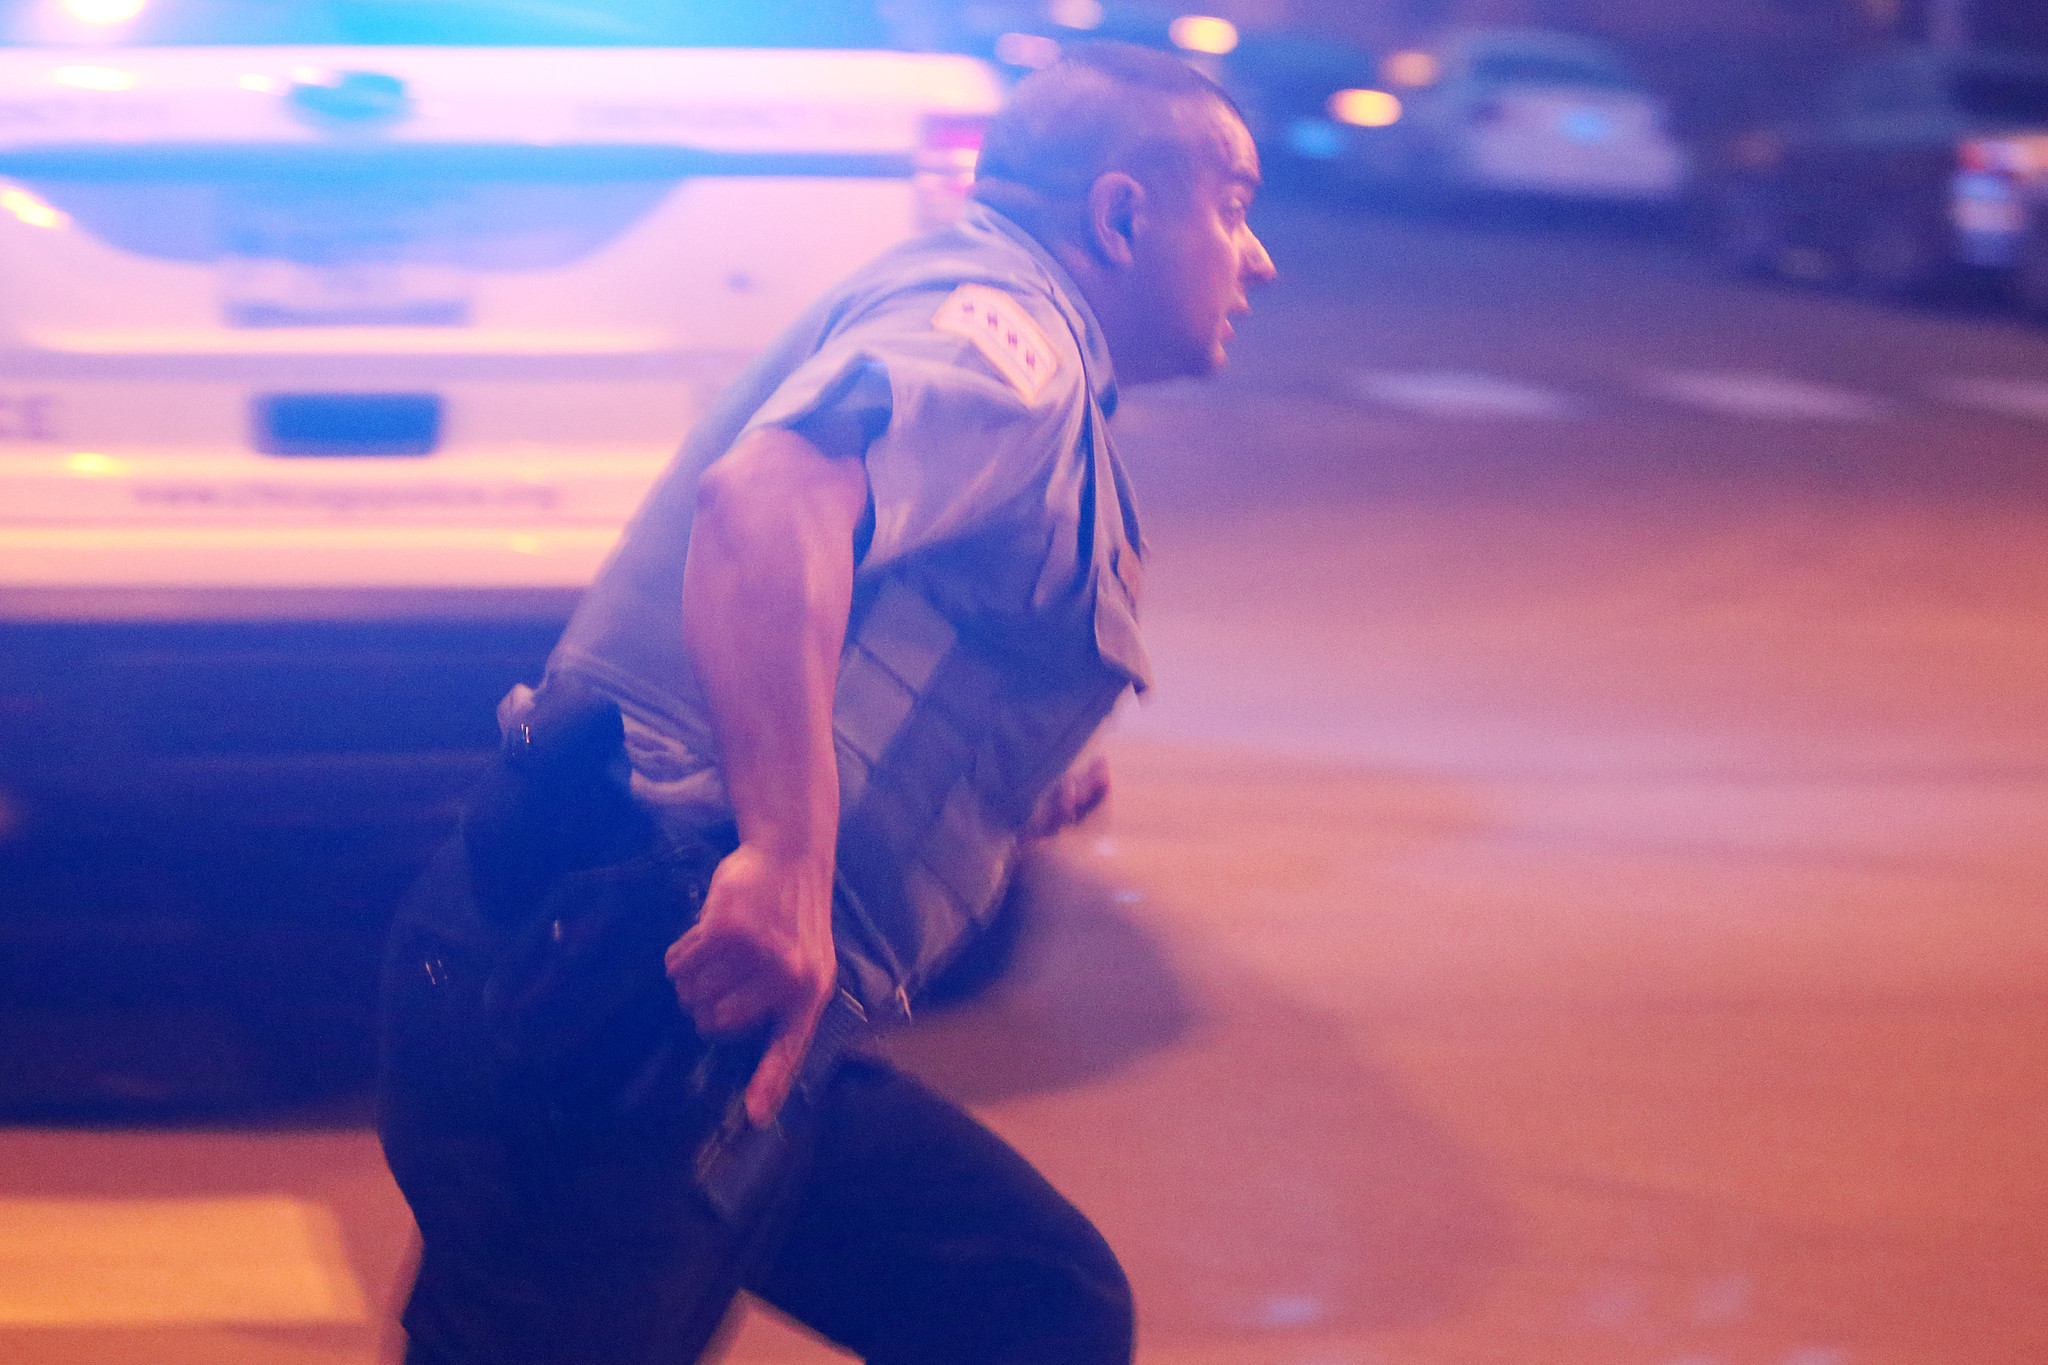 Austin neighborhood shootings